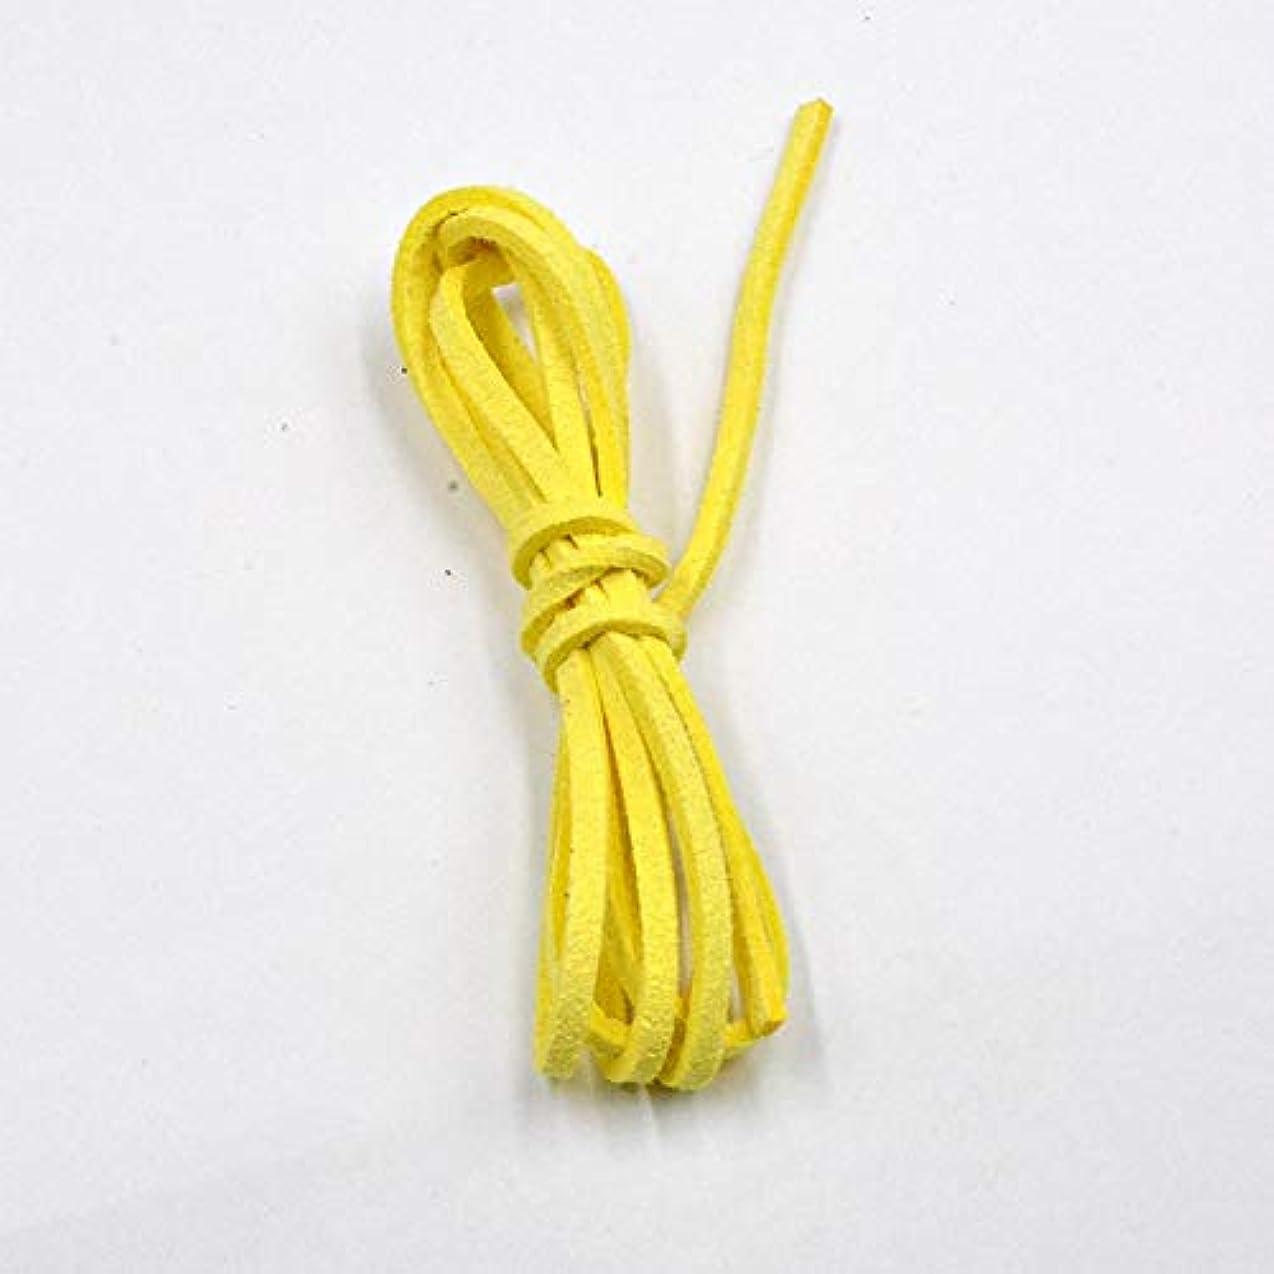 アーチペダルに沿ってJJESC ブレスレット&ネックレスを作るジュエリーのための新たな27色2.6x1.5mm 5メートルフラットフェイクスエード韓国ベルベット皮ひも材料DIY (Color : 025)